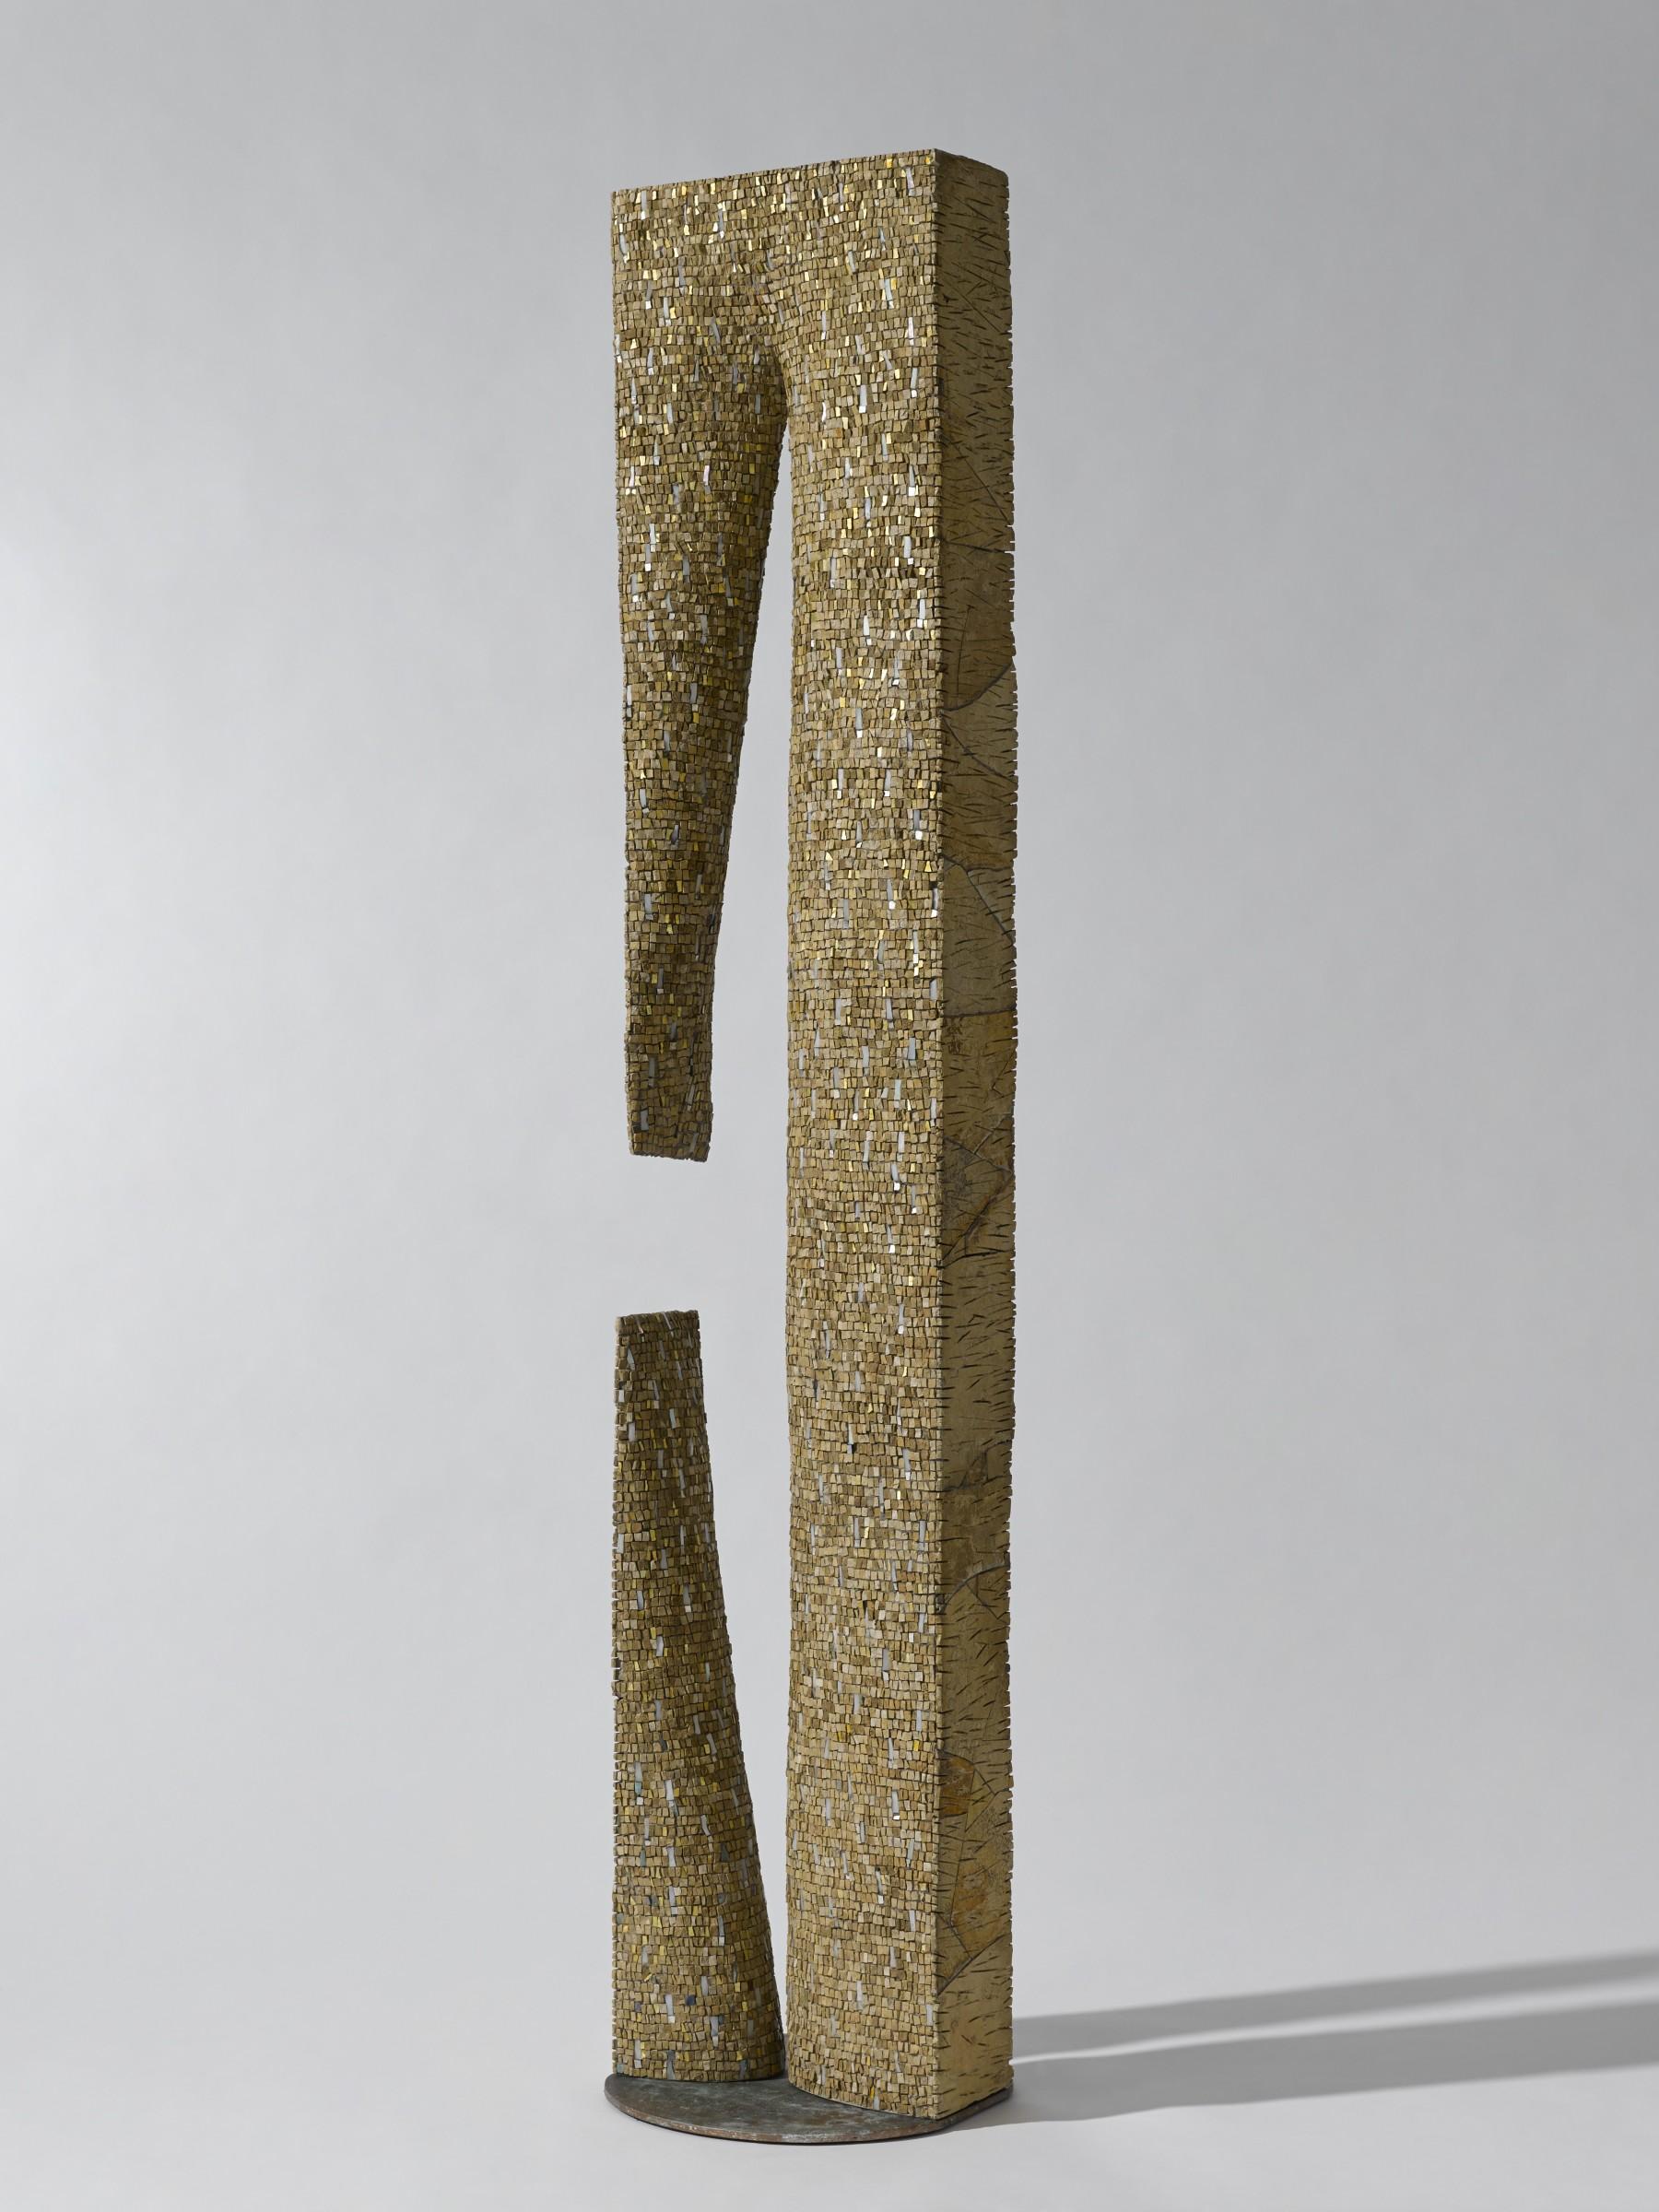 stalattite-stalagmite-2016-cm-186x36x15